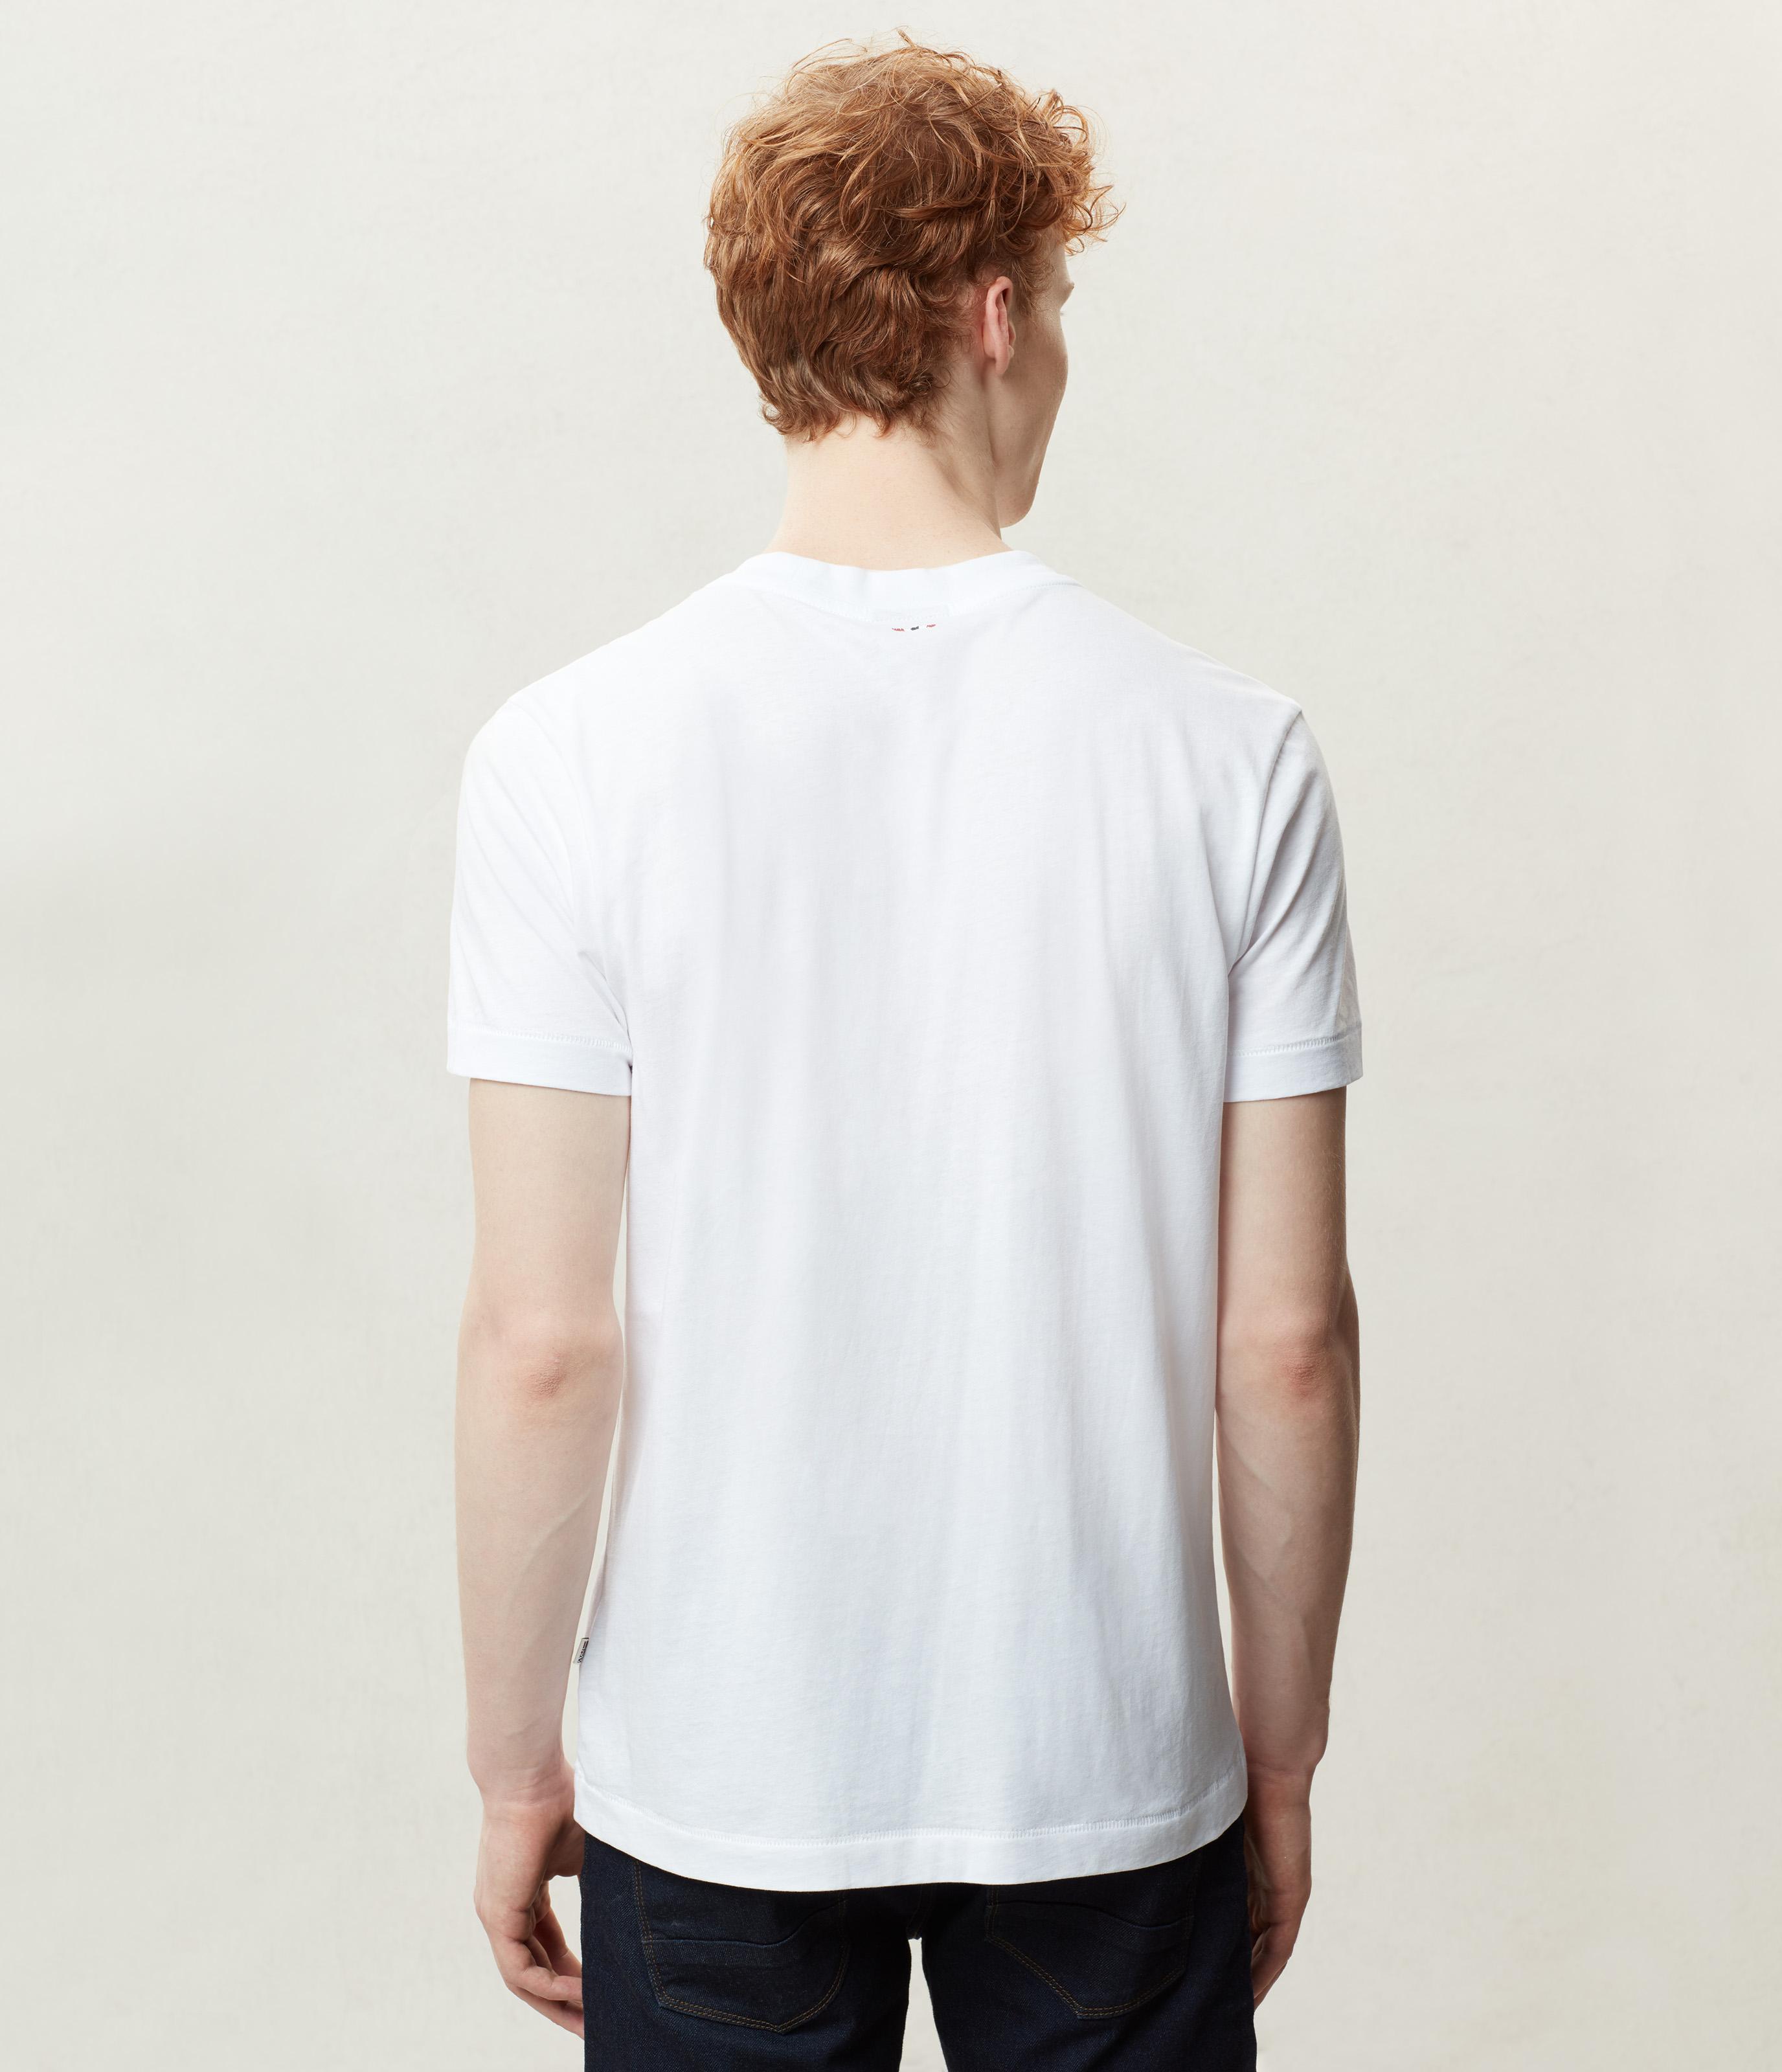 SEVORA BRIGHT WHITE